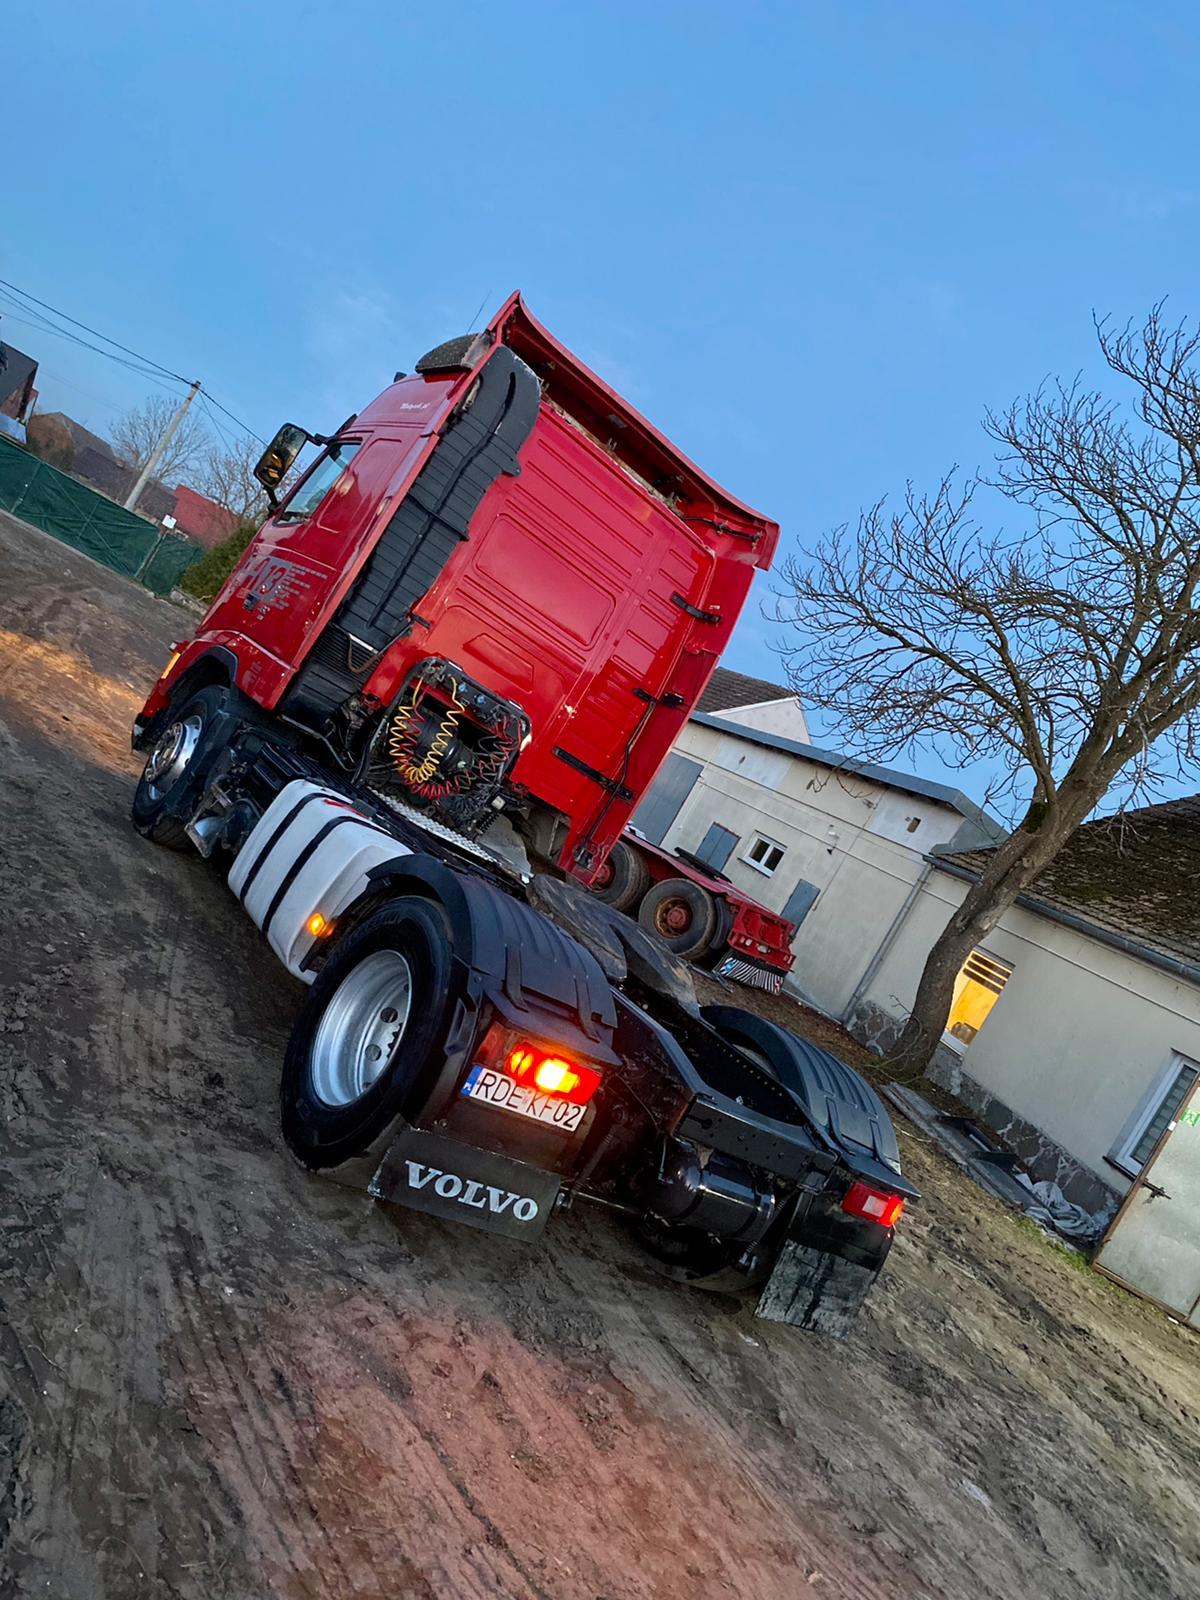 للجادين فقط ..  للبيع الفوري بحالة ممتازة وسعر مناسب شاحنه فولفو 2×4  طراز fh  460 634173965